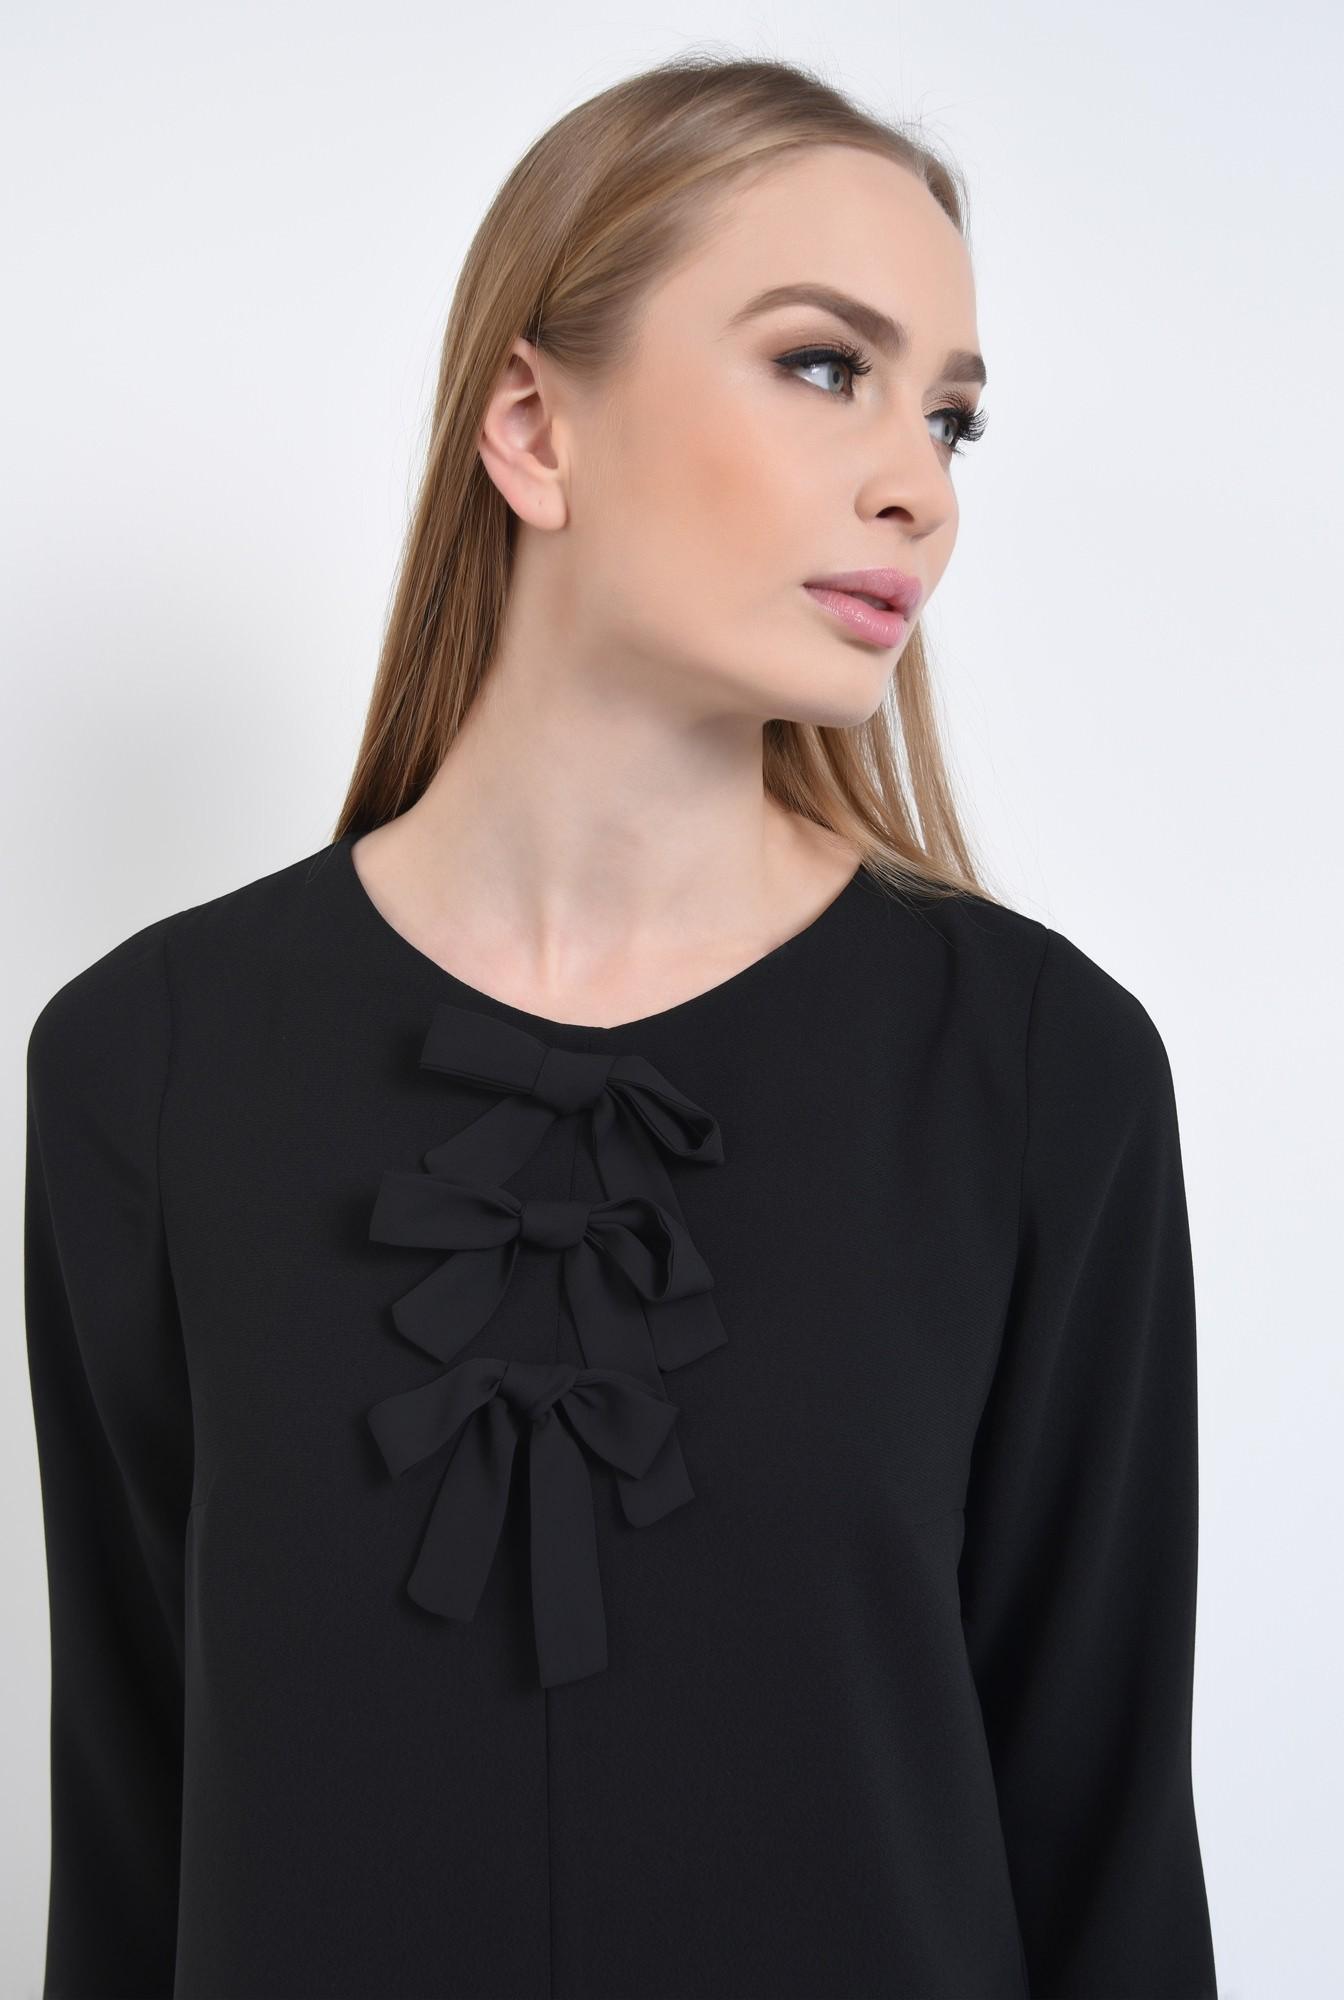 2 - Rochie casual neagra, mini